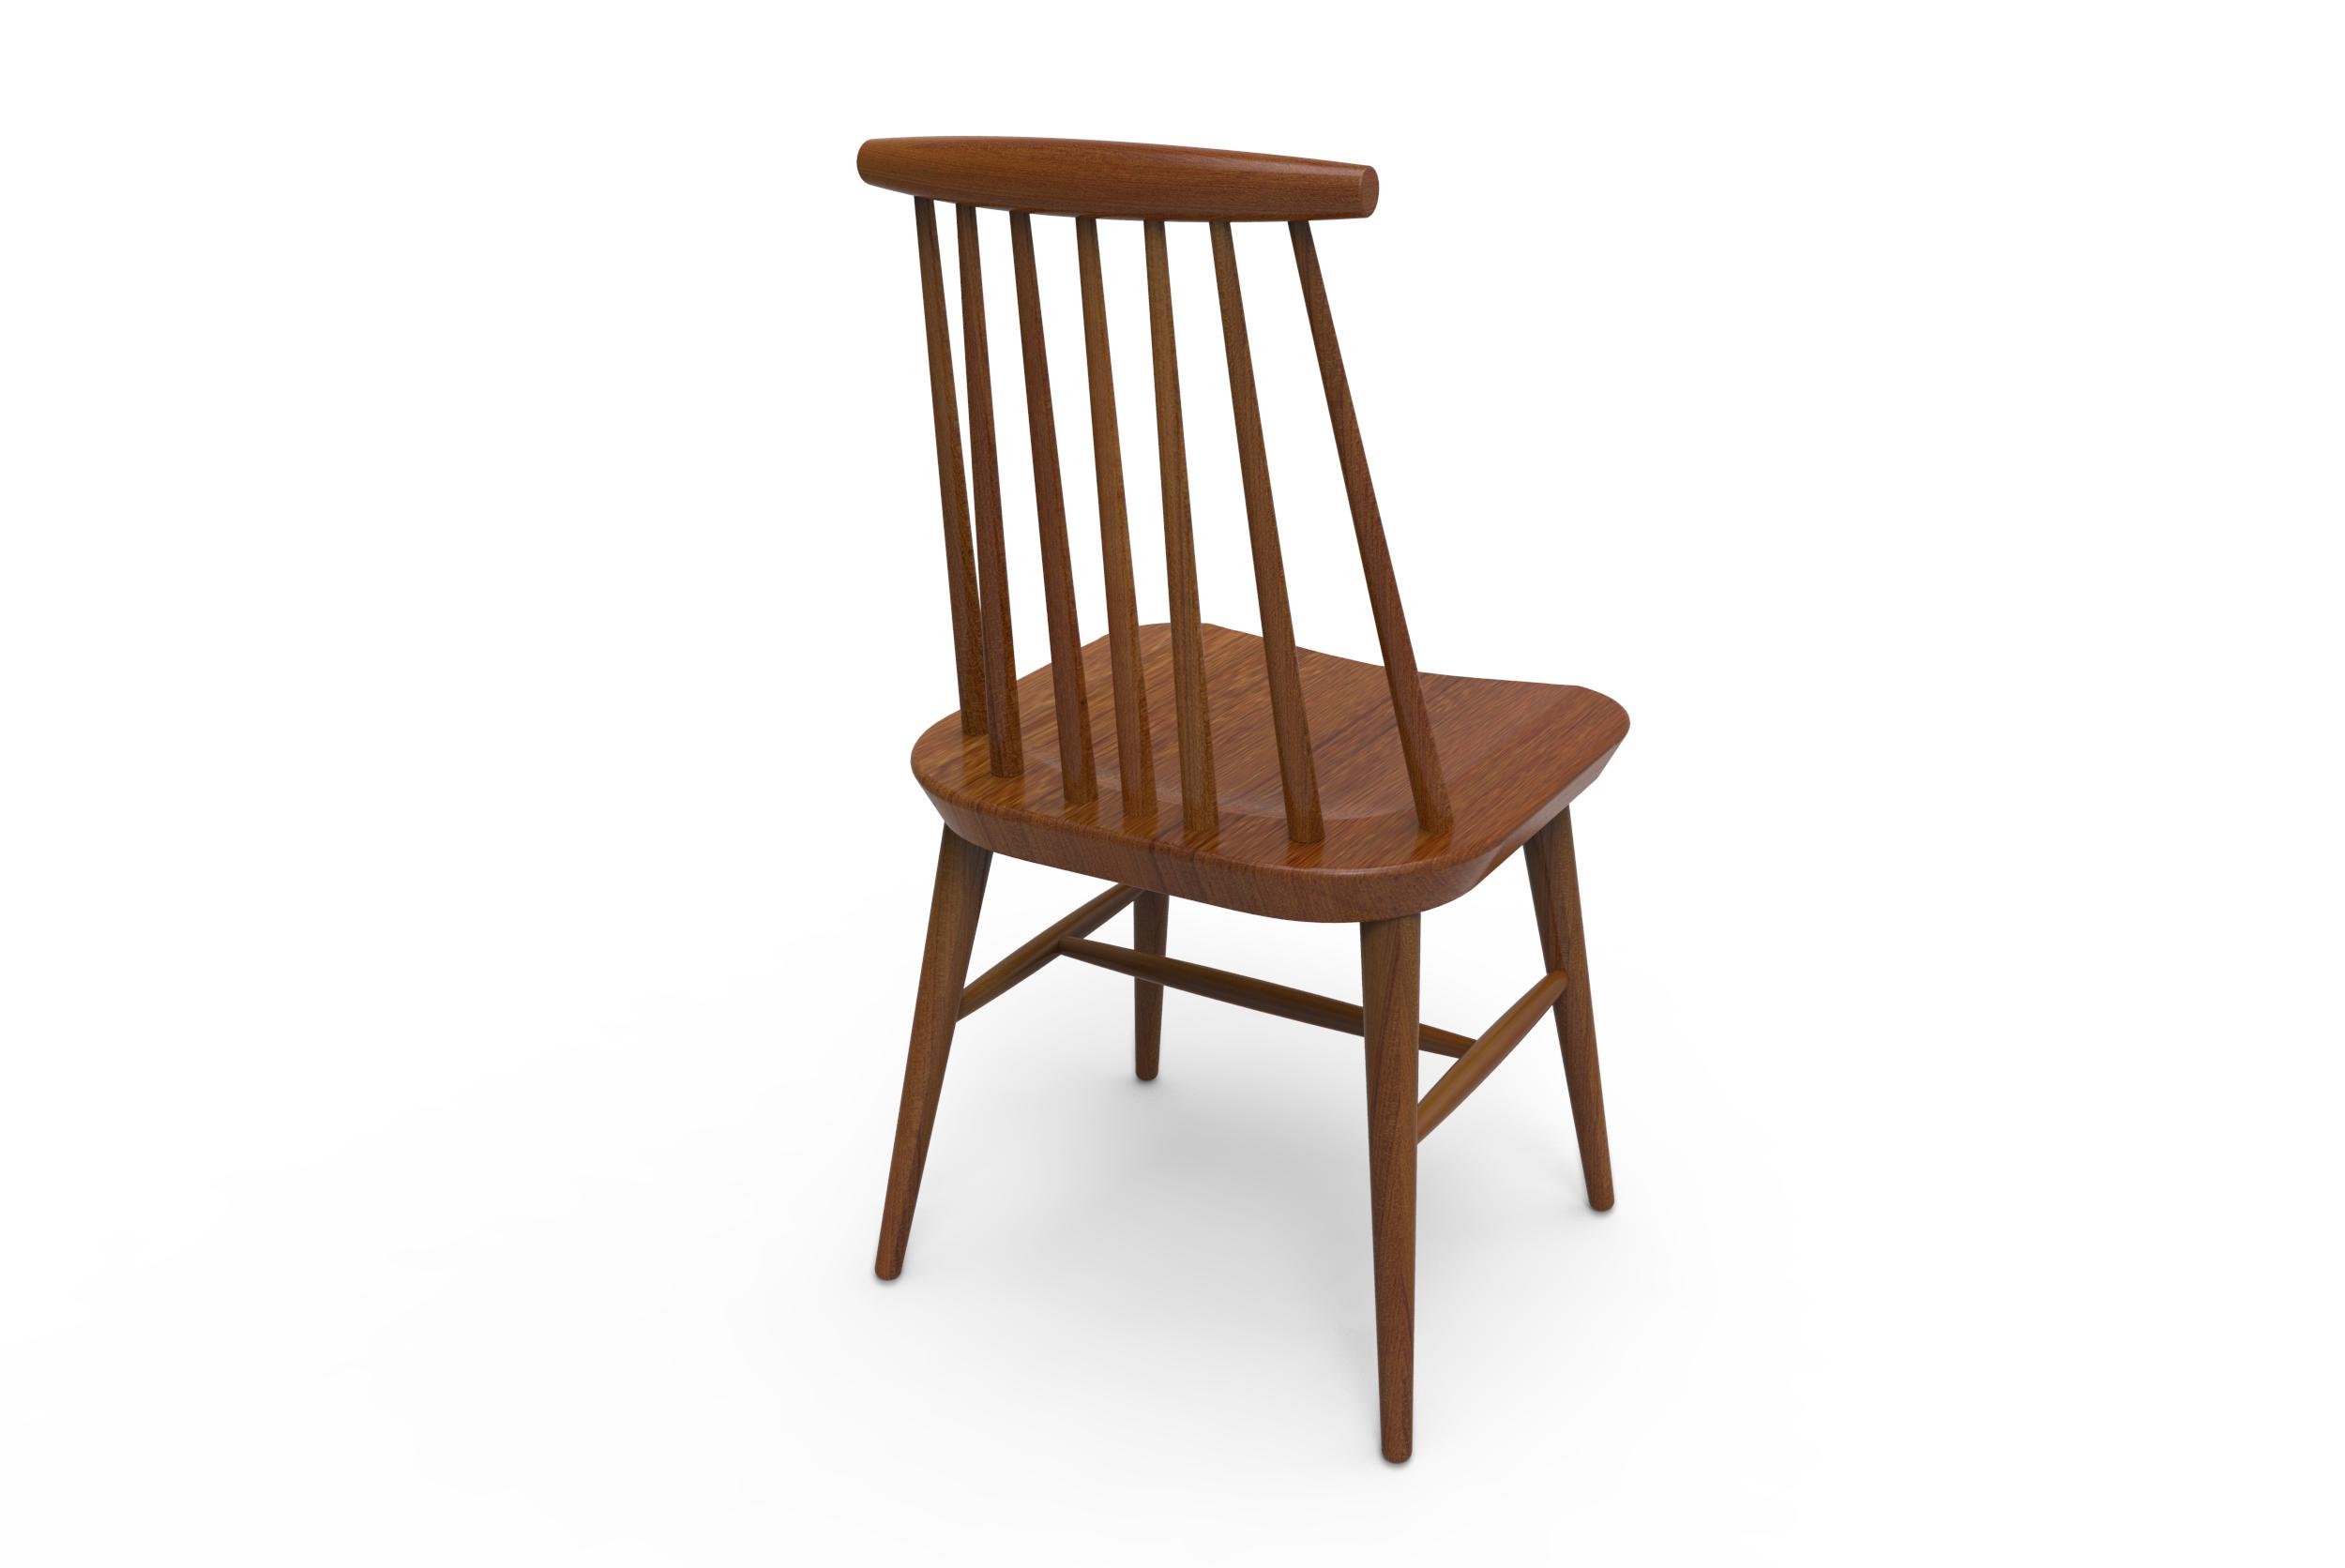 Yespo_Chair_Design_Rendering_5.jpg